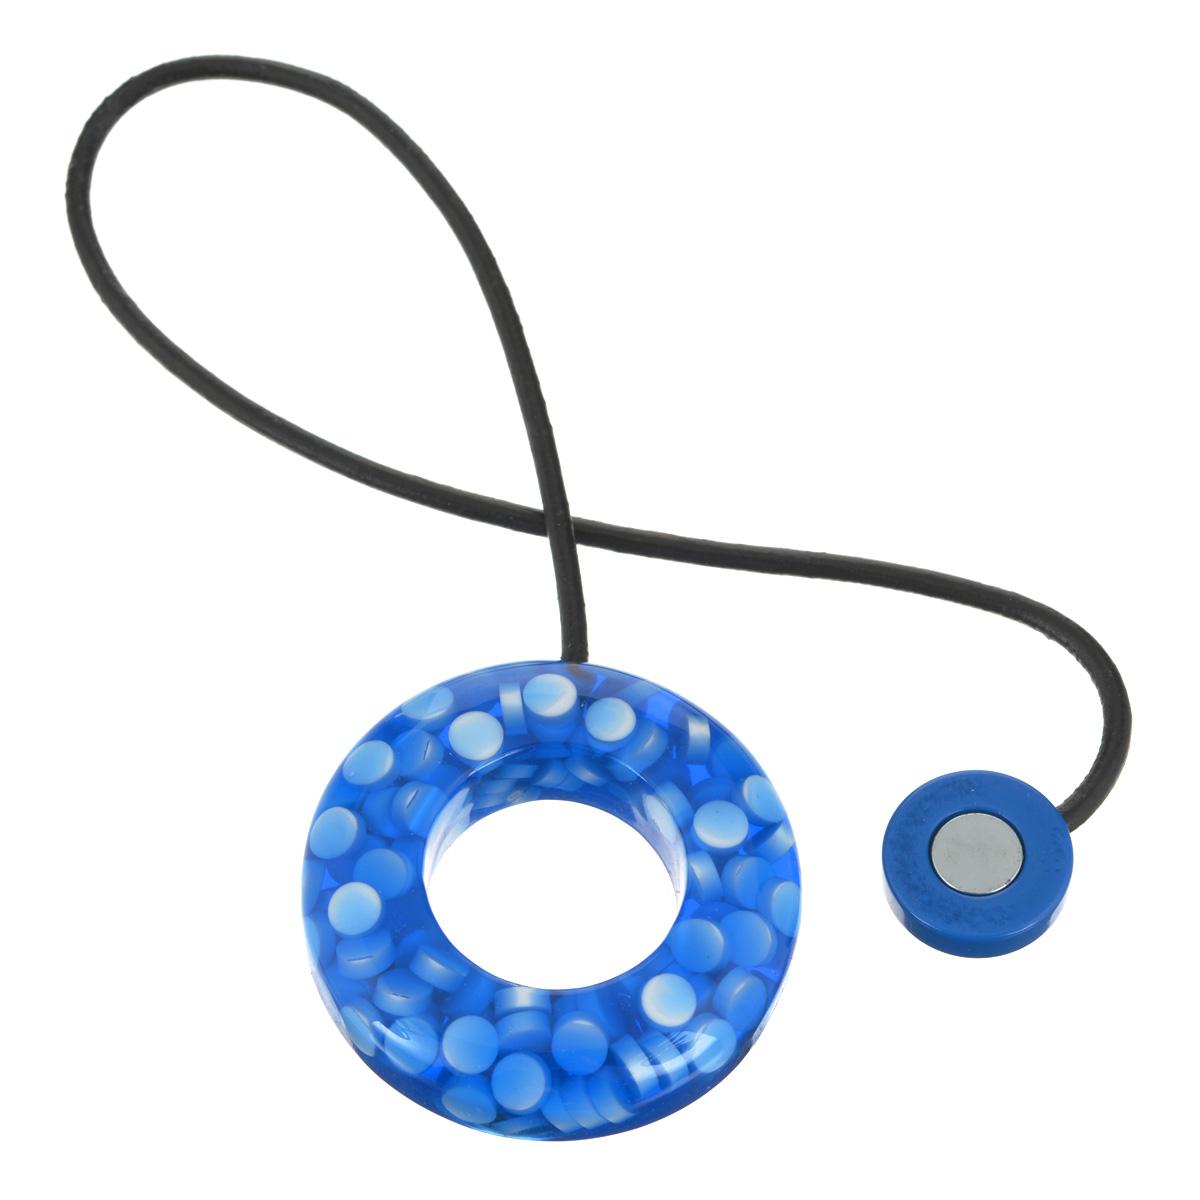 Подхват-магнит для органзы Embrasse, цвет: васильковый, белый. 7706113_81077706113_8107Клипса-магнит  Embrasse, изготовленная из пластика и кожи, предназначена для придания формы шторам. Изделие представляет собой два магнита, расположенные на разных концах кожаного шнурка. С одной стороны магнит оформлен декоративным кольцом. С помощью такой магнитной клипсы можно зафиксировать портьеры, придать им требуемое положение, сделать складки симметричными или приблизить портьеры, скрепить их. Клипсы для штор являются универсальным изделием, которое превосходно подойдет как для штор в детской комнате, так и для штор в гостиной. Следует отметить, что клипсы для штор выполняют не только практическую функцию, но также являются одной из основных деталей декора этого изделия, которая придает шторам восхитительный, стильный внешний вид. Материал: пластик, кожа, магнит.Диаметр кольца: 5,5 см.Диаметр магнита: 2 см.Длина ленты: 28 см.